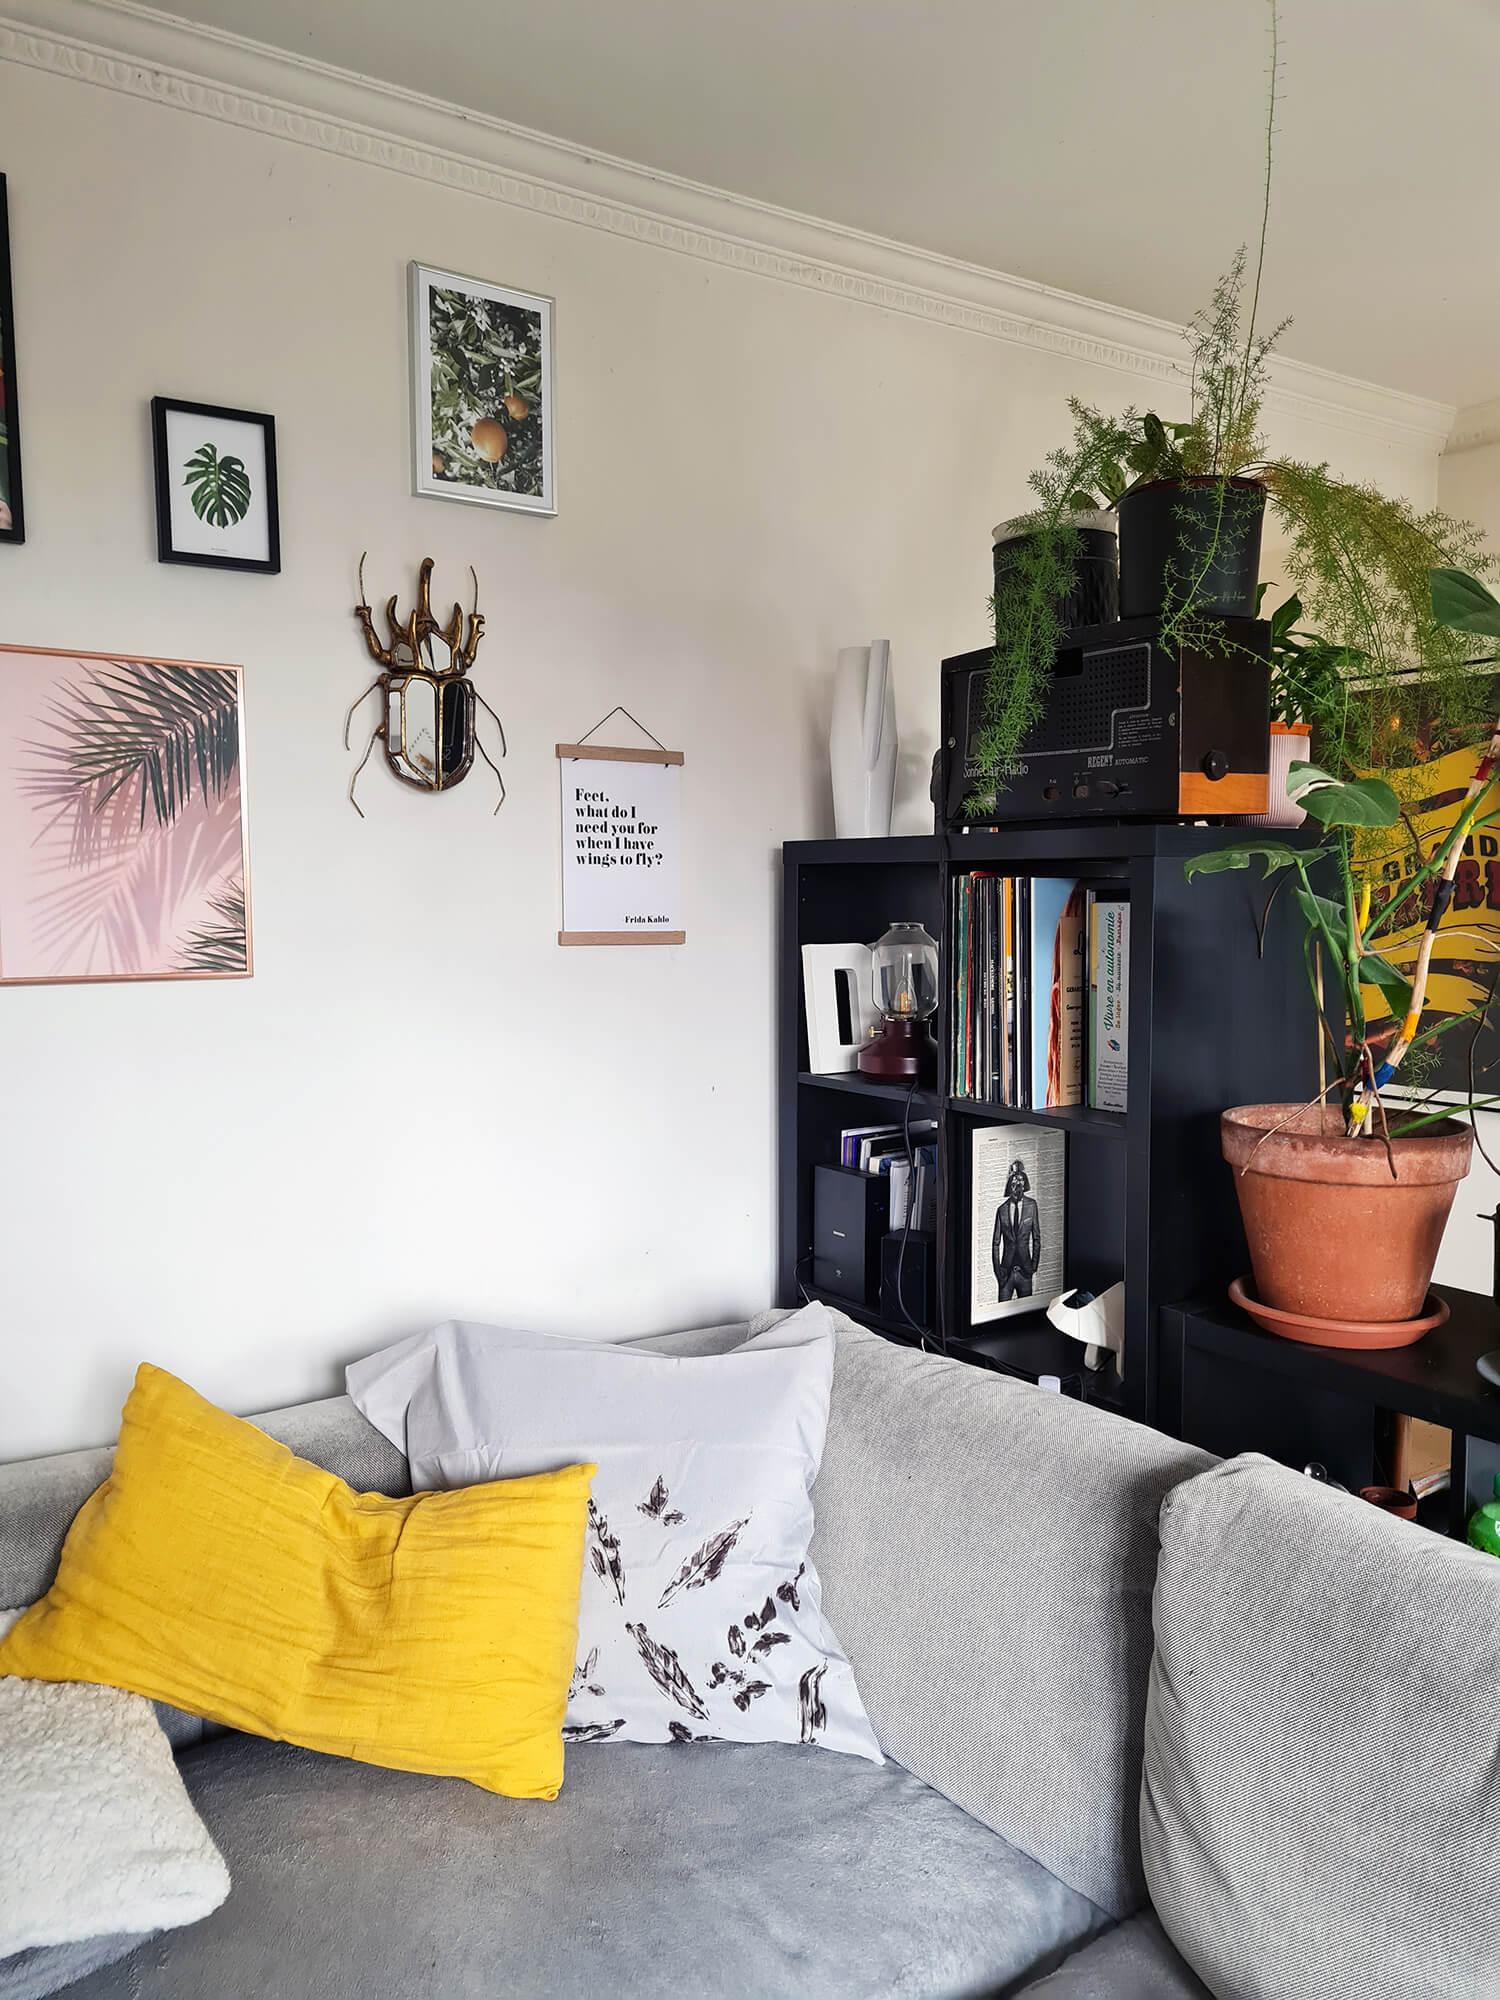 20210128 130855 - DIY : créer un coussin végétal avec des feuilles